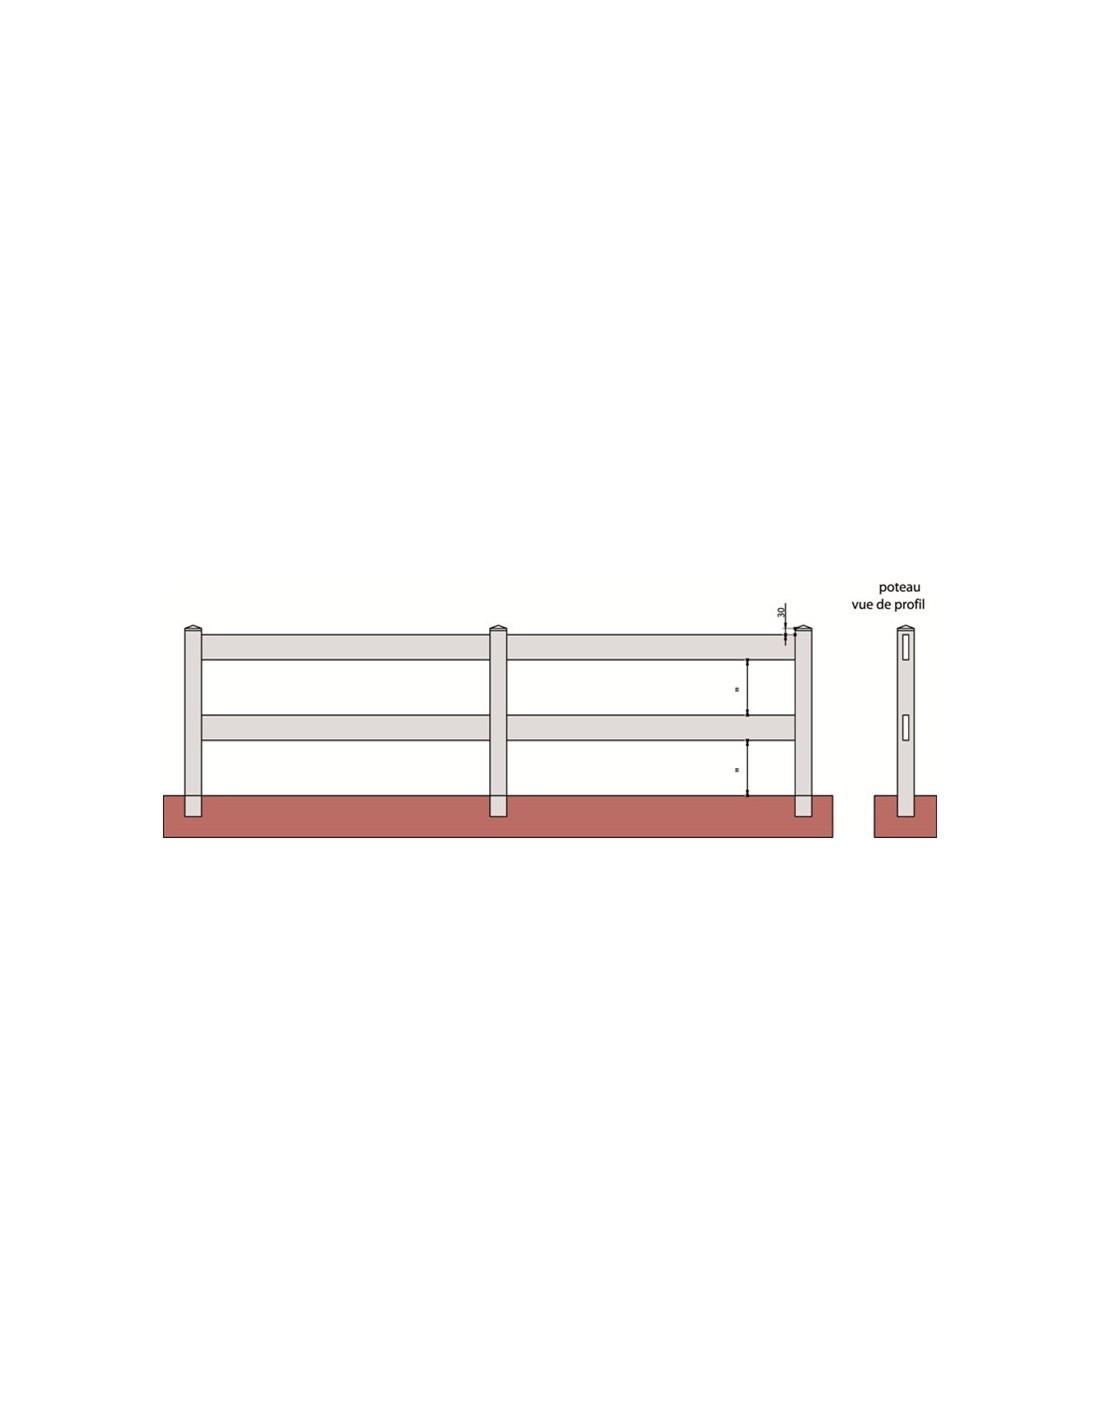 Lisses pvc pour cloture for Portail et cloture alu